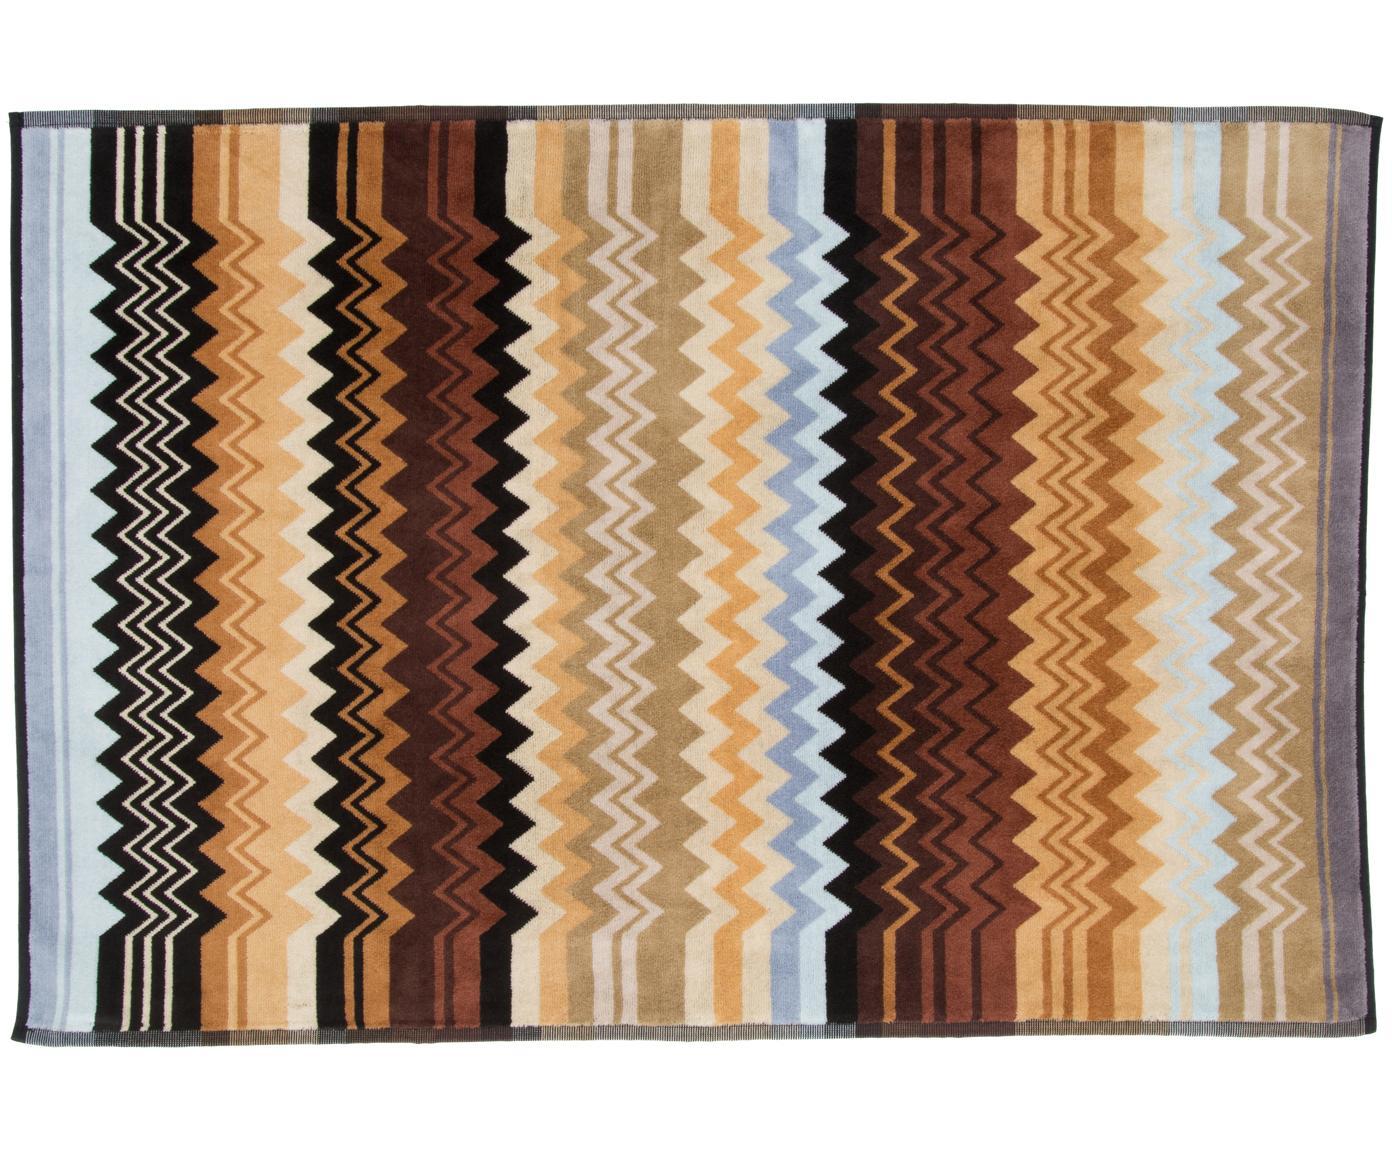 Dünner Badvorleger Giacomo in Brauntönen, 100% Baumwolle, Brauntöne, Blautöne, Beigetöne, 60 x 90 cm